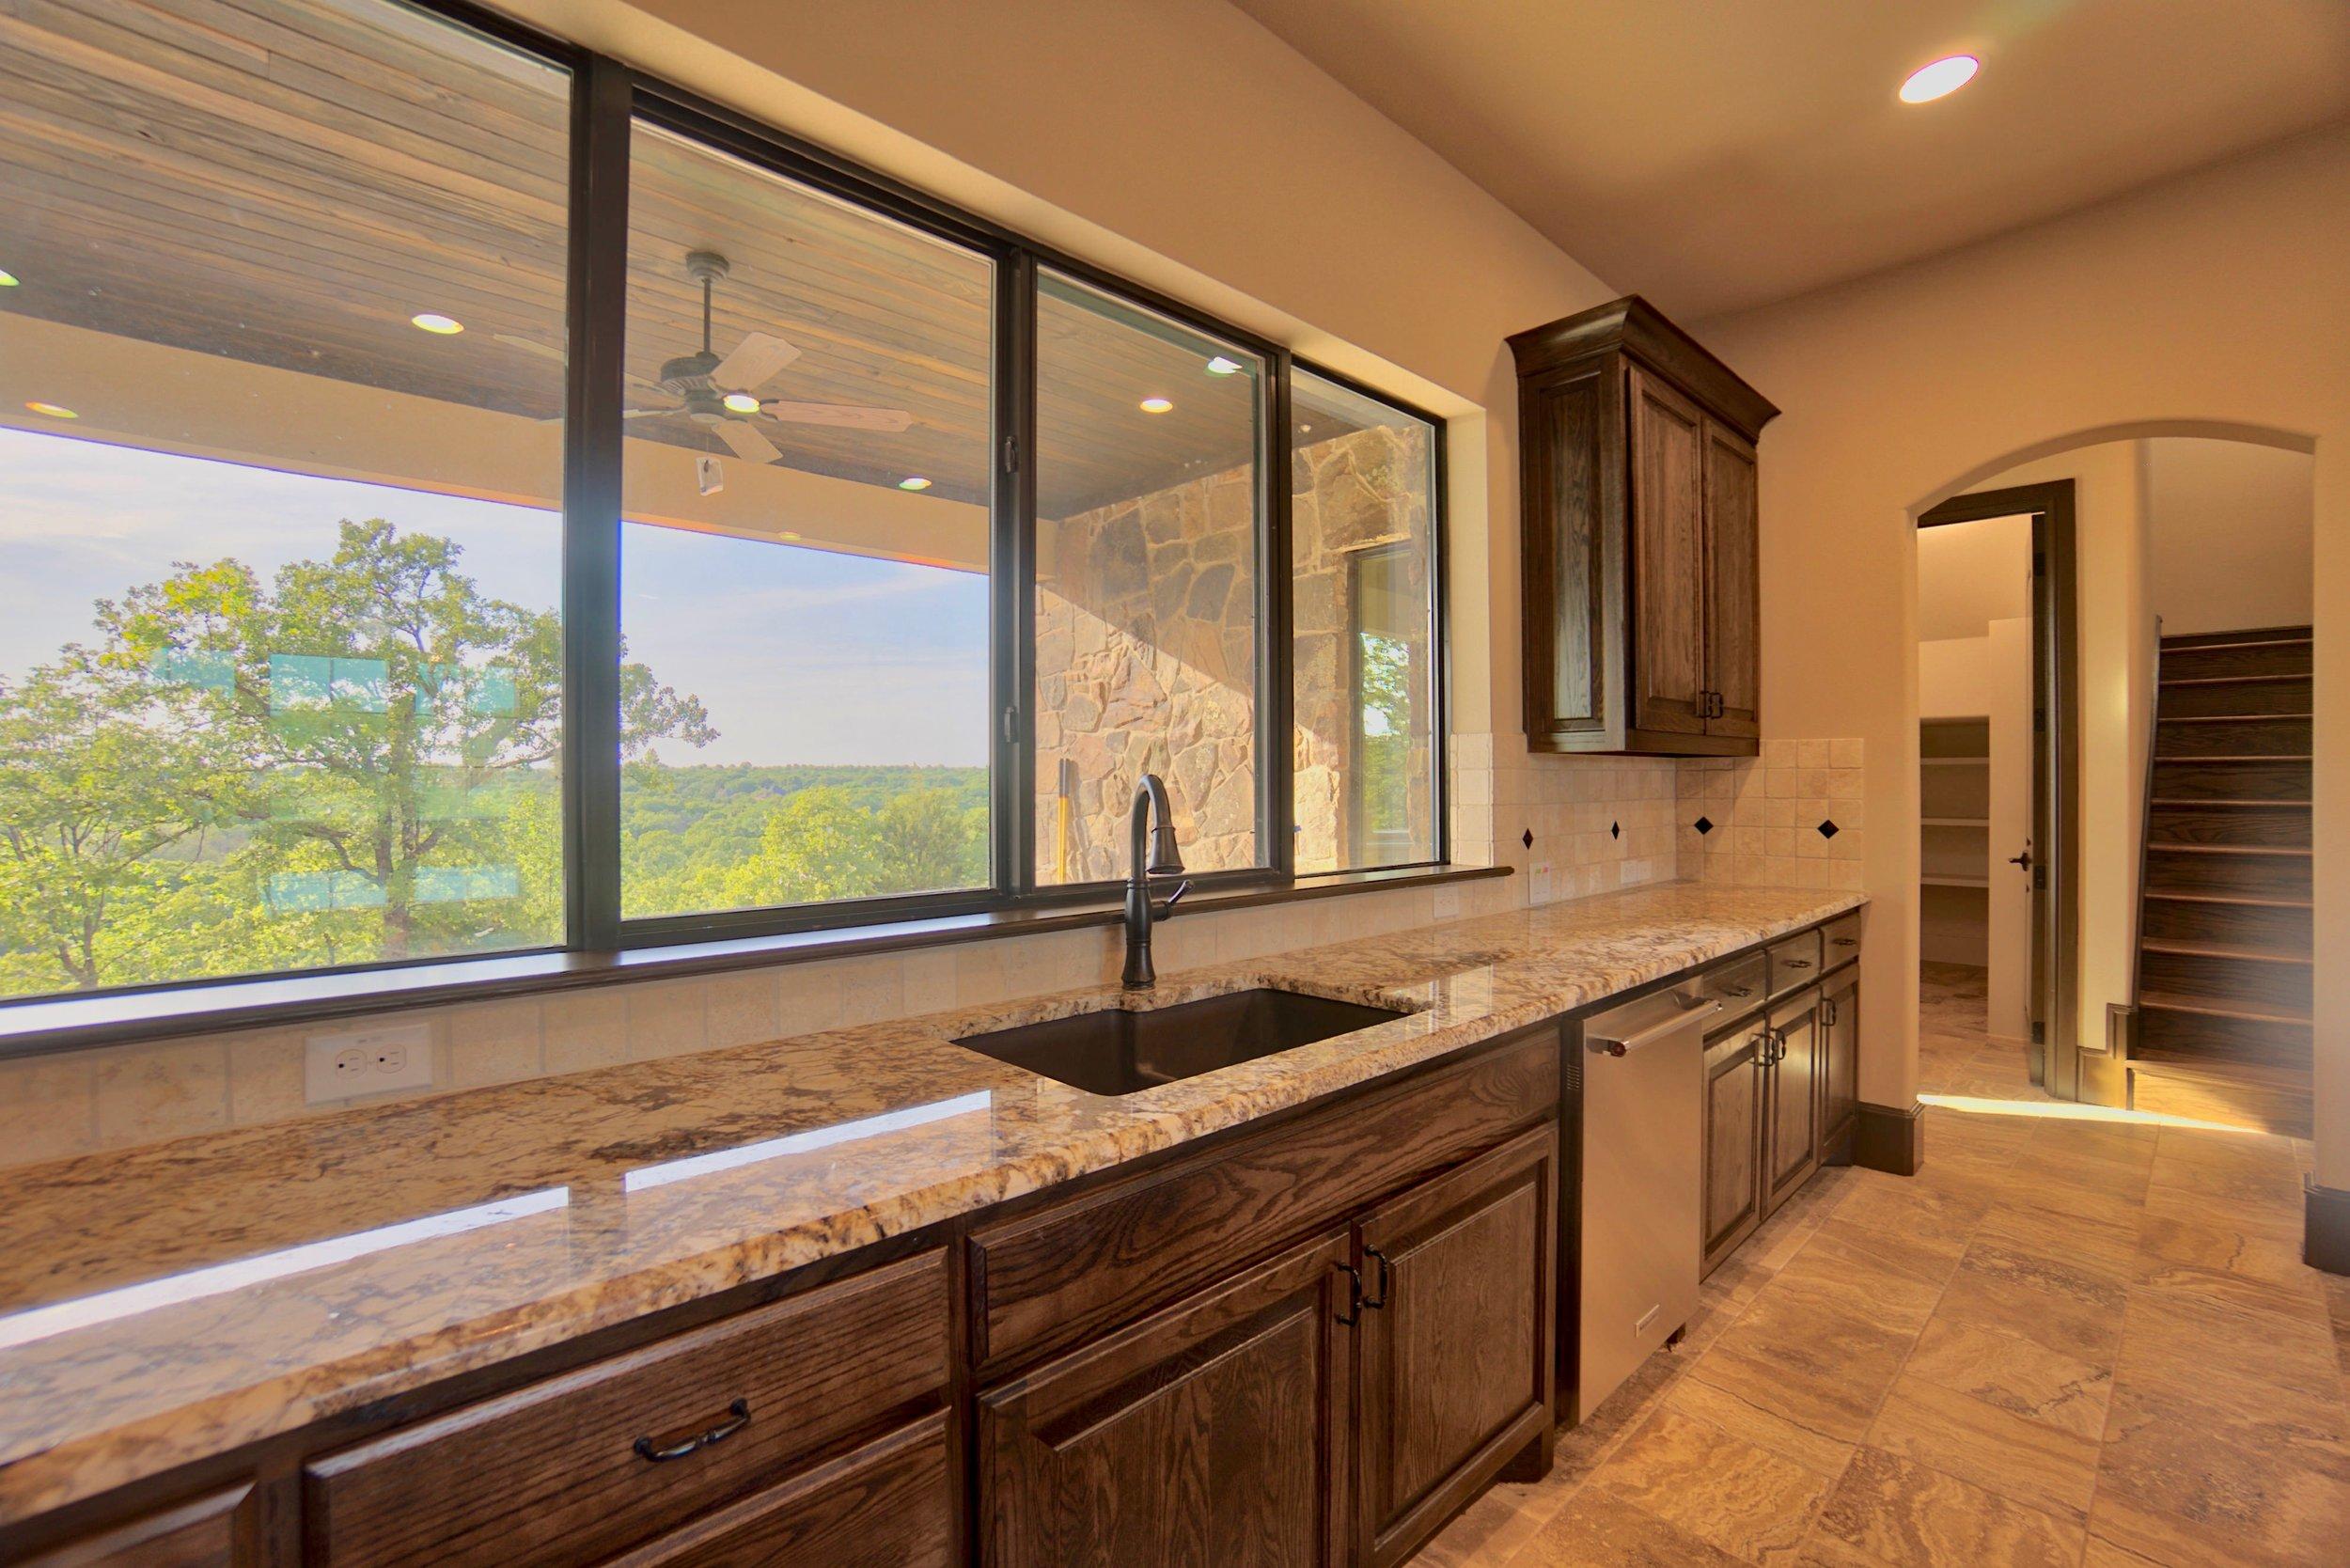 22 kitchen 11.jpg